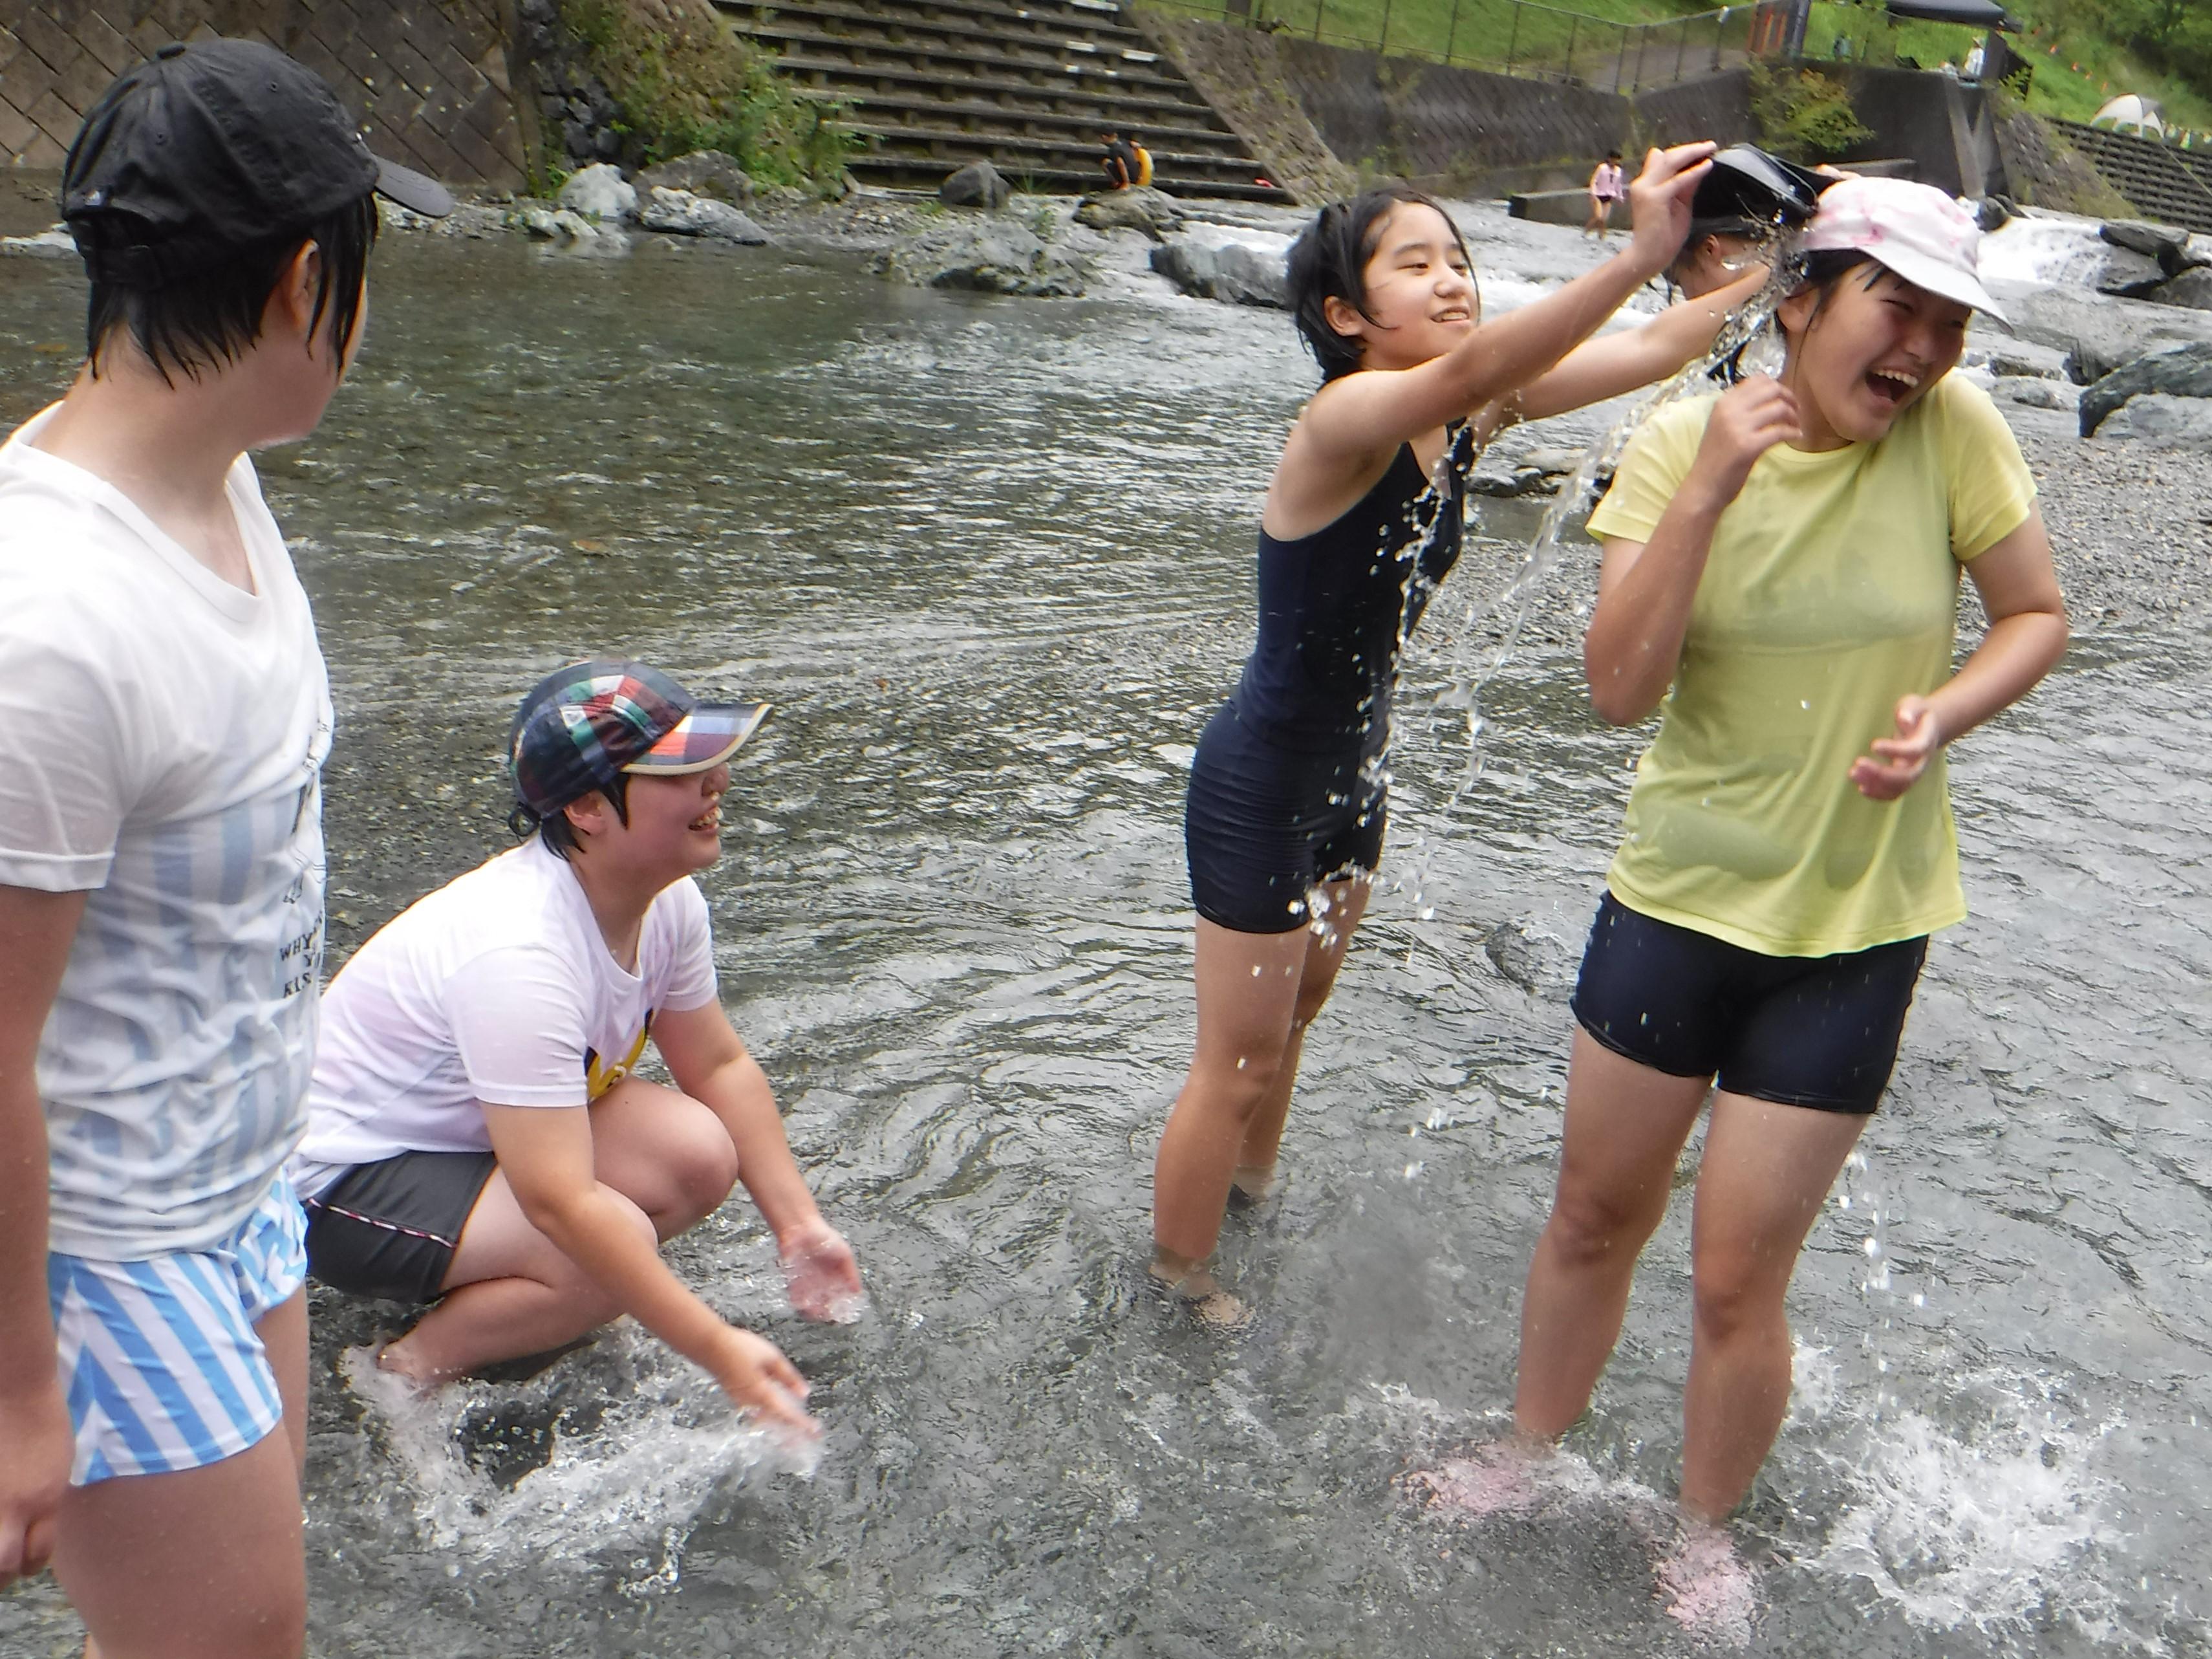 川遊び 川の水は冷たい!!